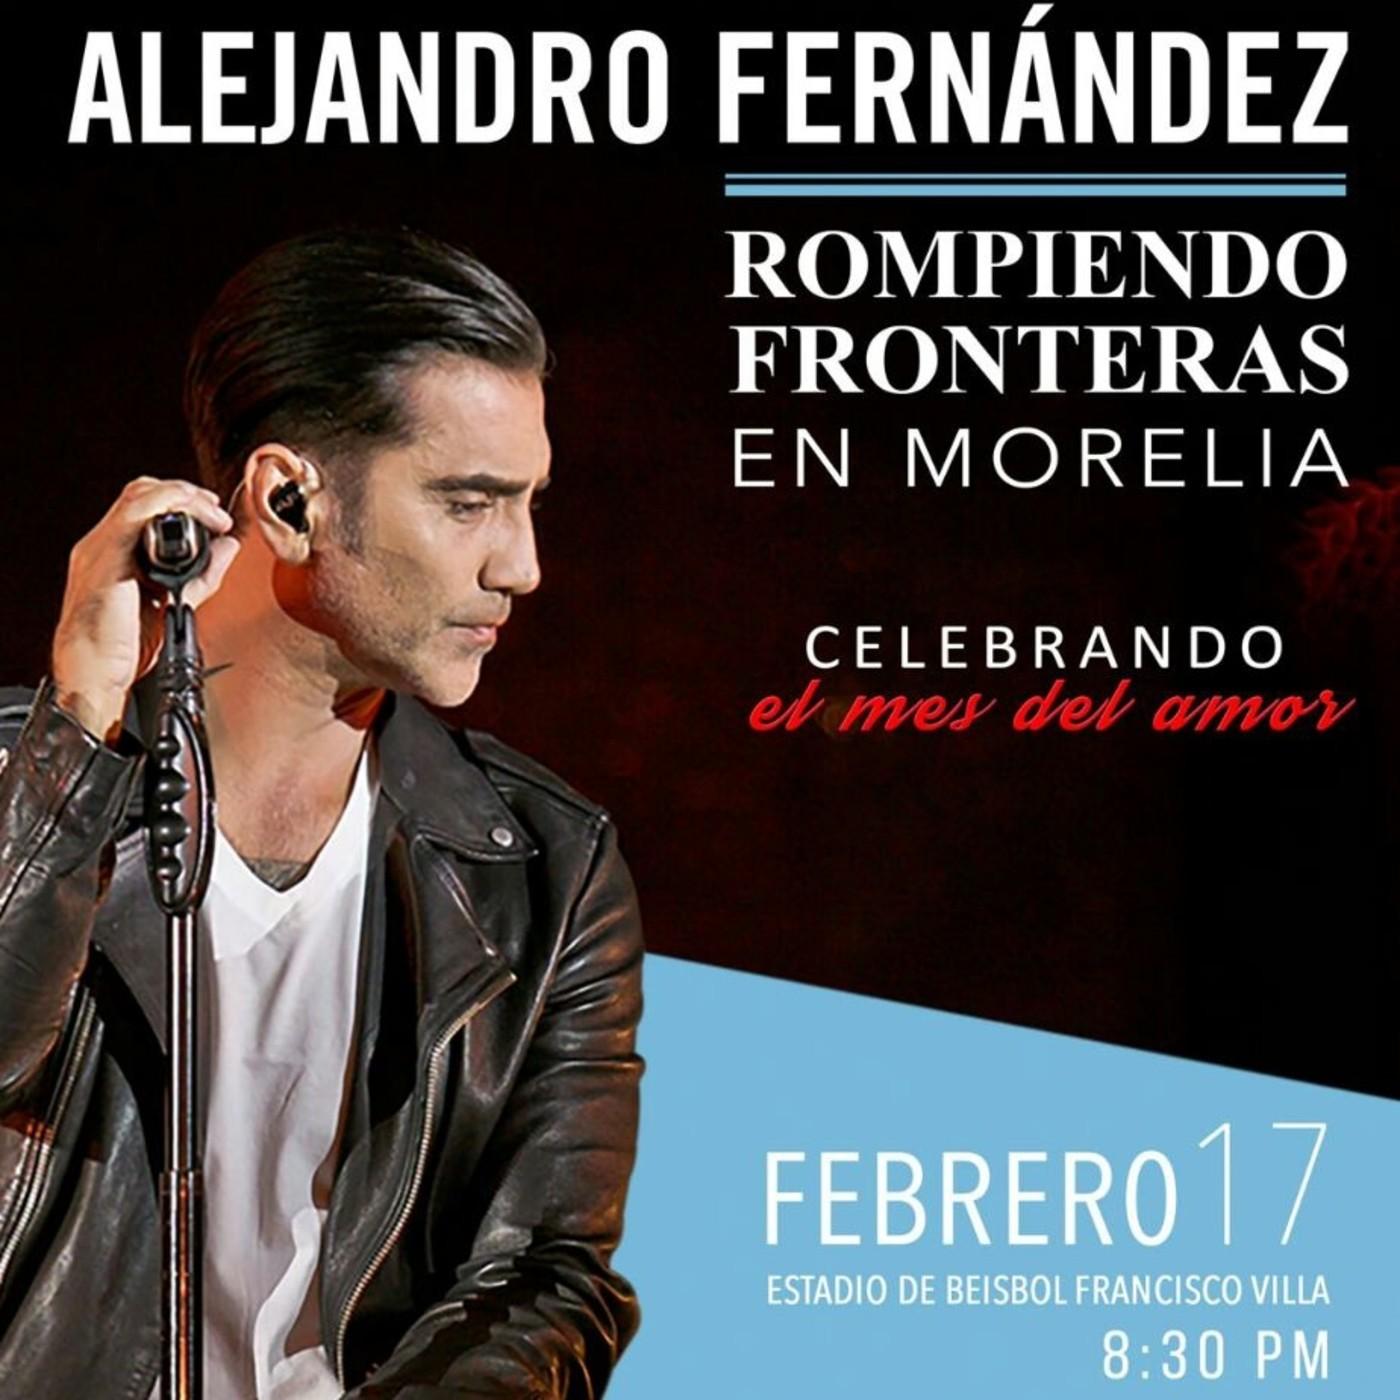 Magnar producciones nos invita al concierto de alejandro for Alejandro fernandez en el jardin mp3